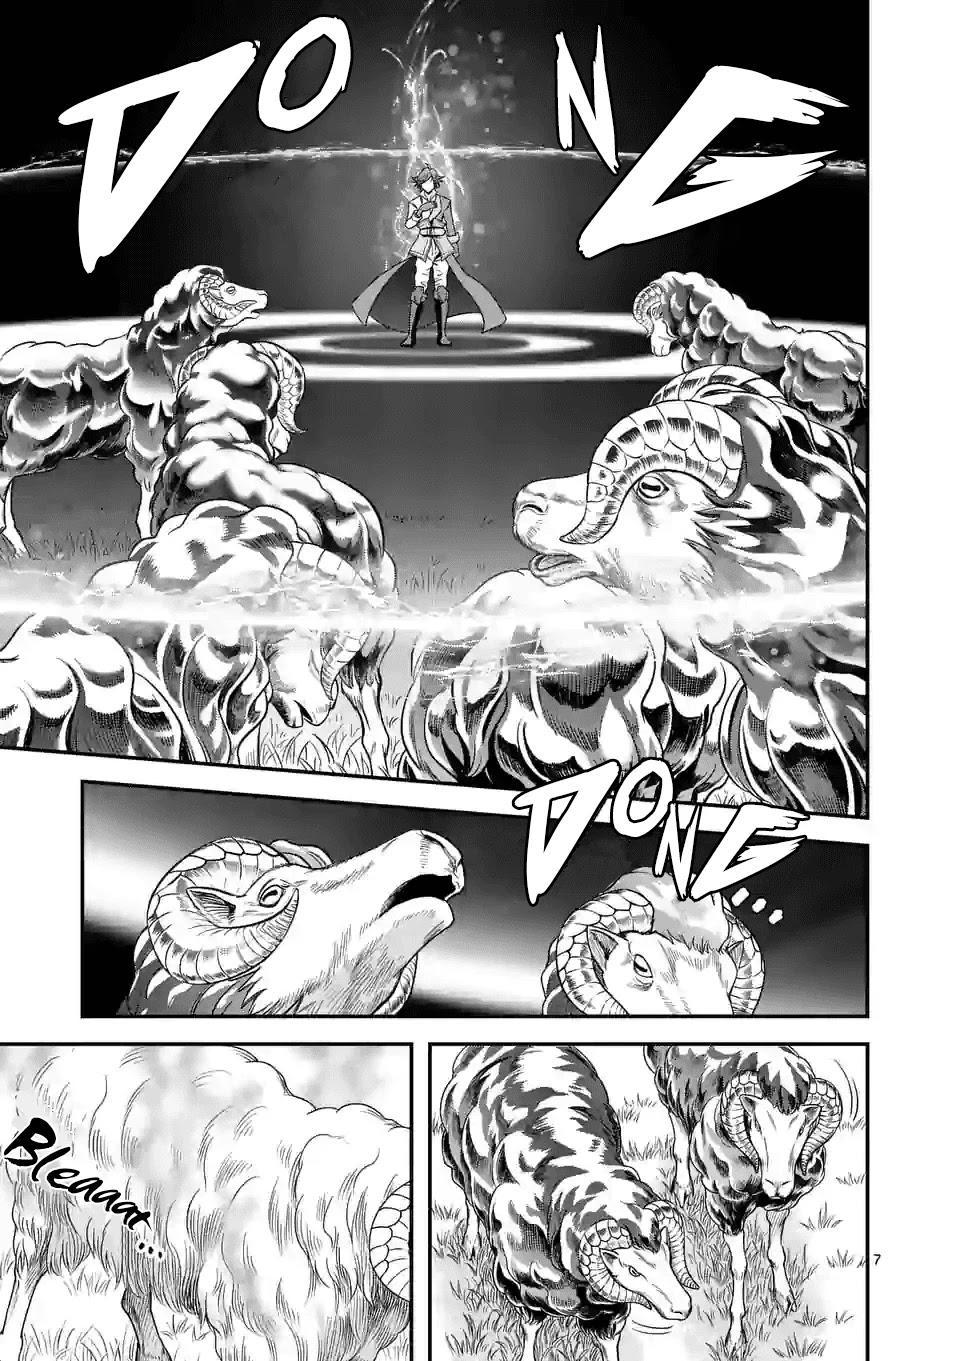 100-Nin No Eiyuu O Sodateta Saikyou Yogensha Wa, Boukensha Ni Natte Mo Sekaijuu No Deshi Kara Shitawarete Masu Chapter 27 page 8 - Mangakakalots.com